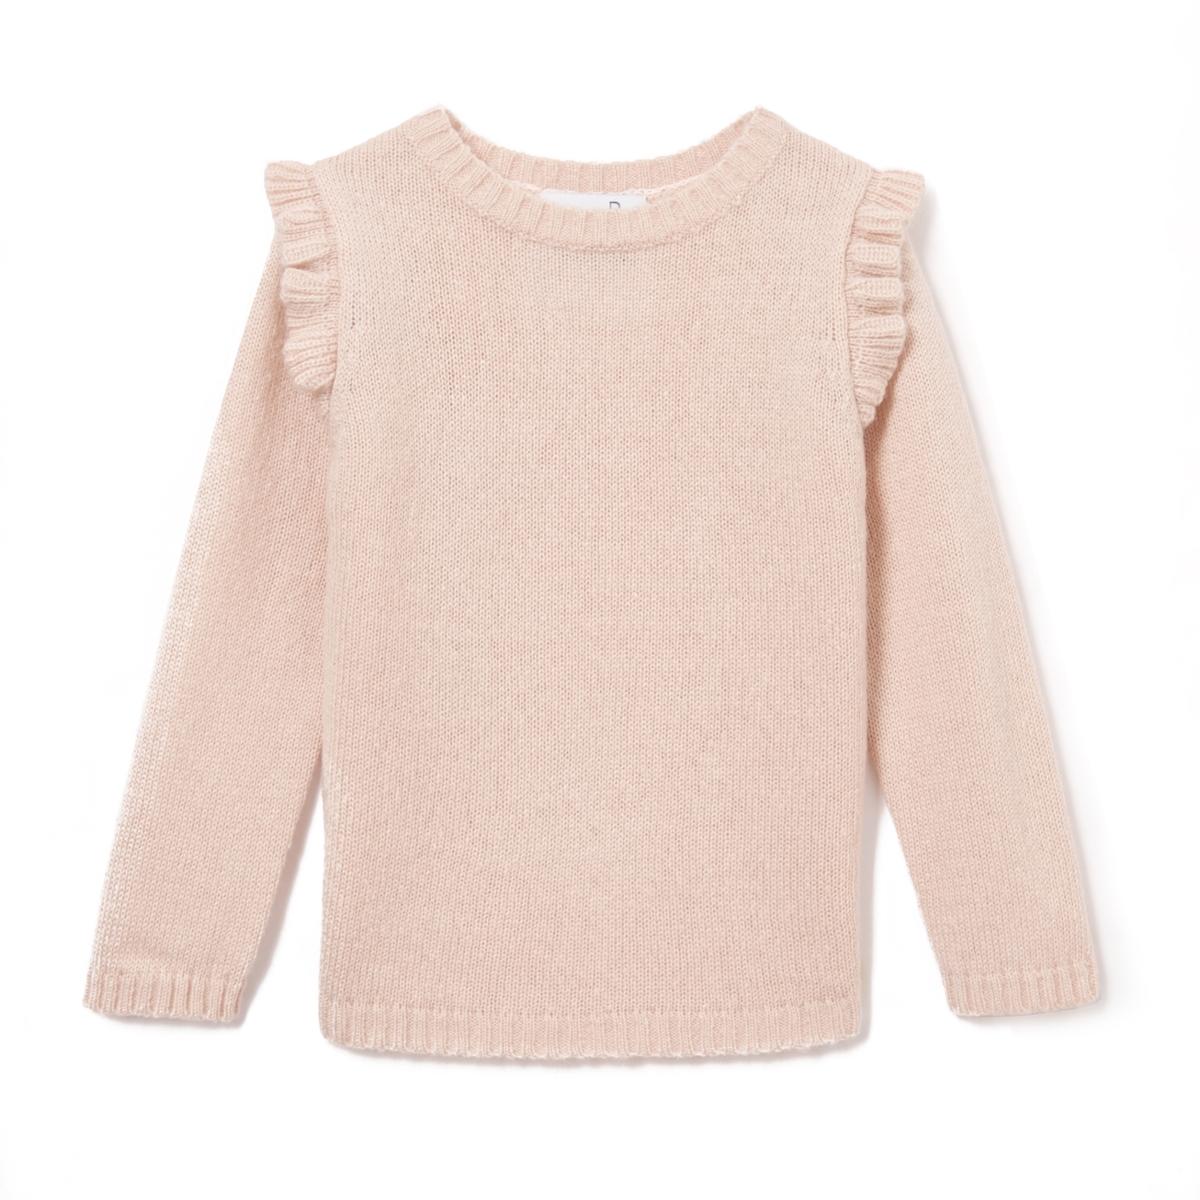 Пуловер с воланами, 3-12 лет